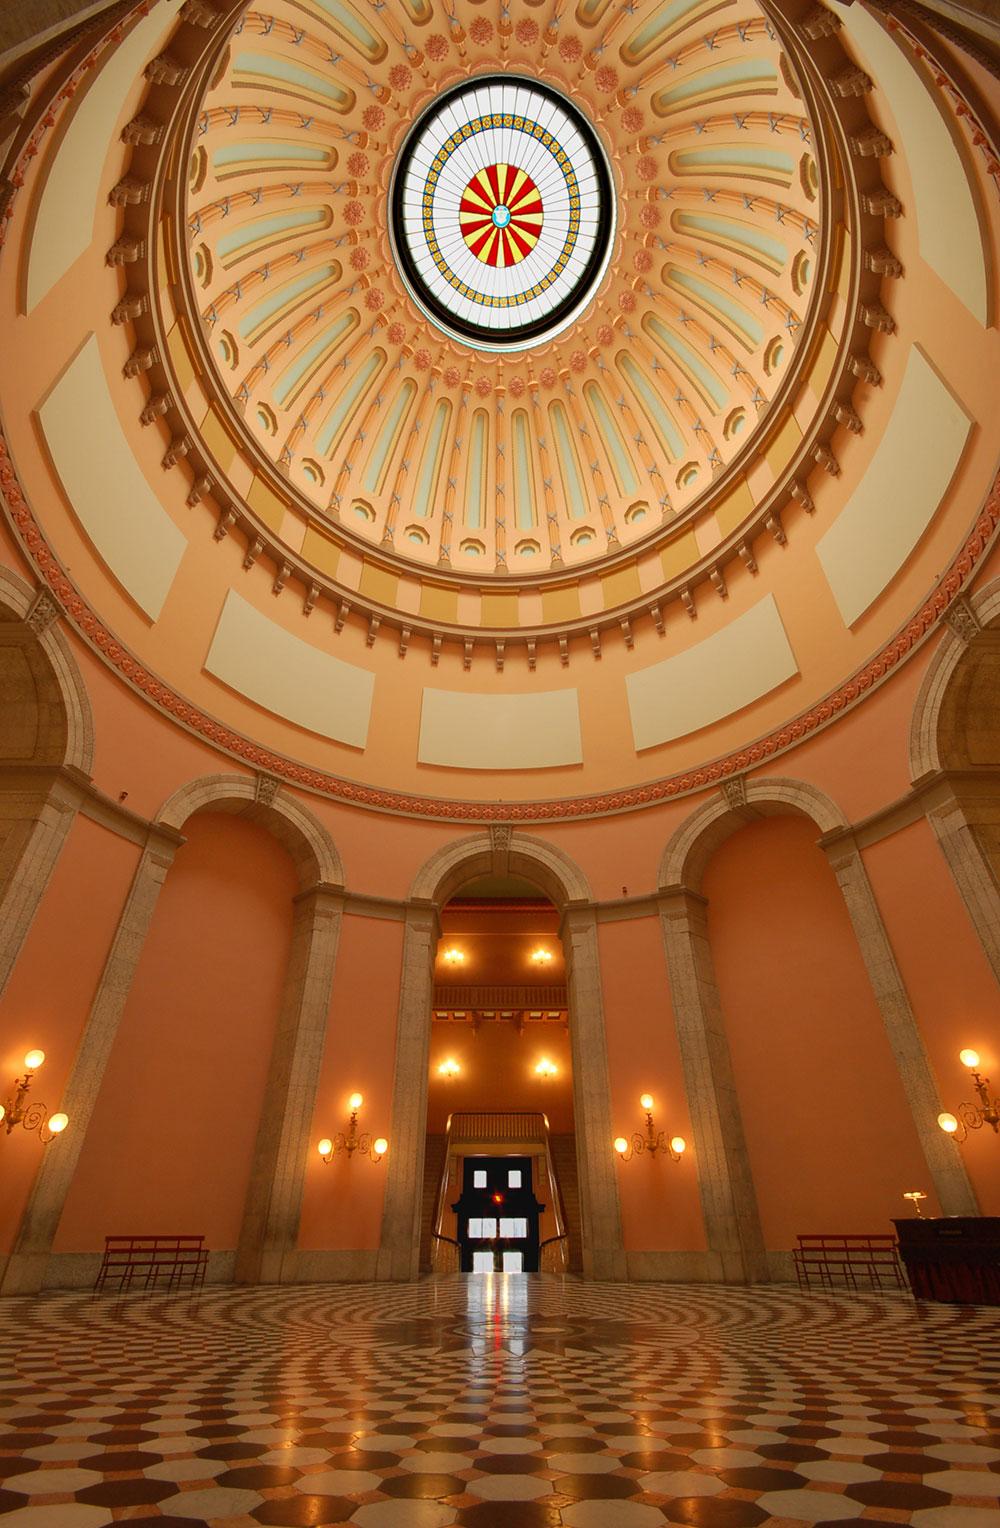 Ohio-Statehouse-Rotunda-HERO-web